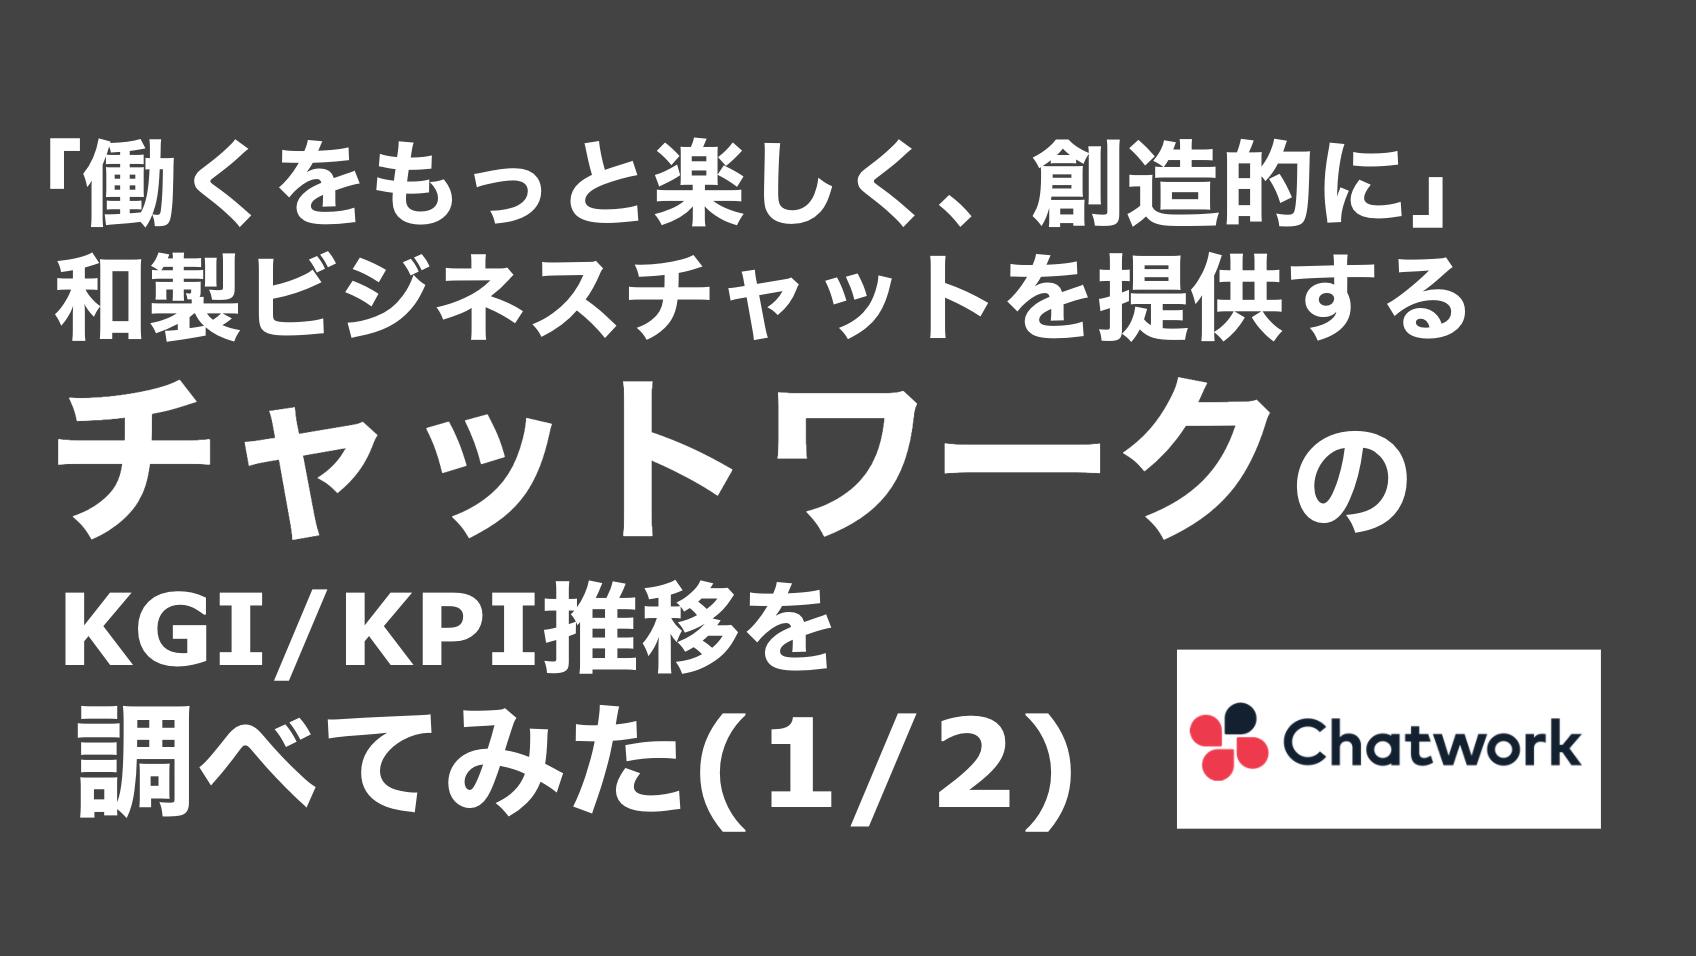 saaslife_ 「働くをもっと楽しく、創造的に」和製ビジネスチャットを提供するチャットワークのKGI/KPI推移を調べてみた(1/2)